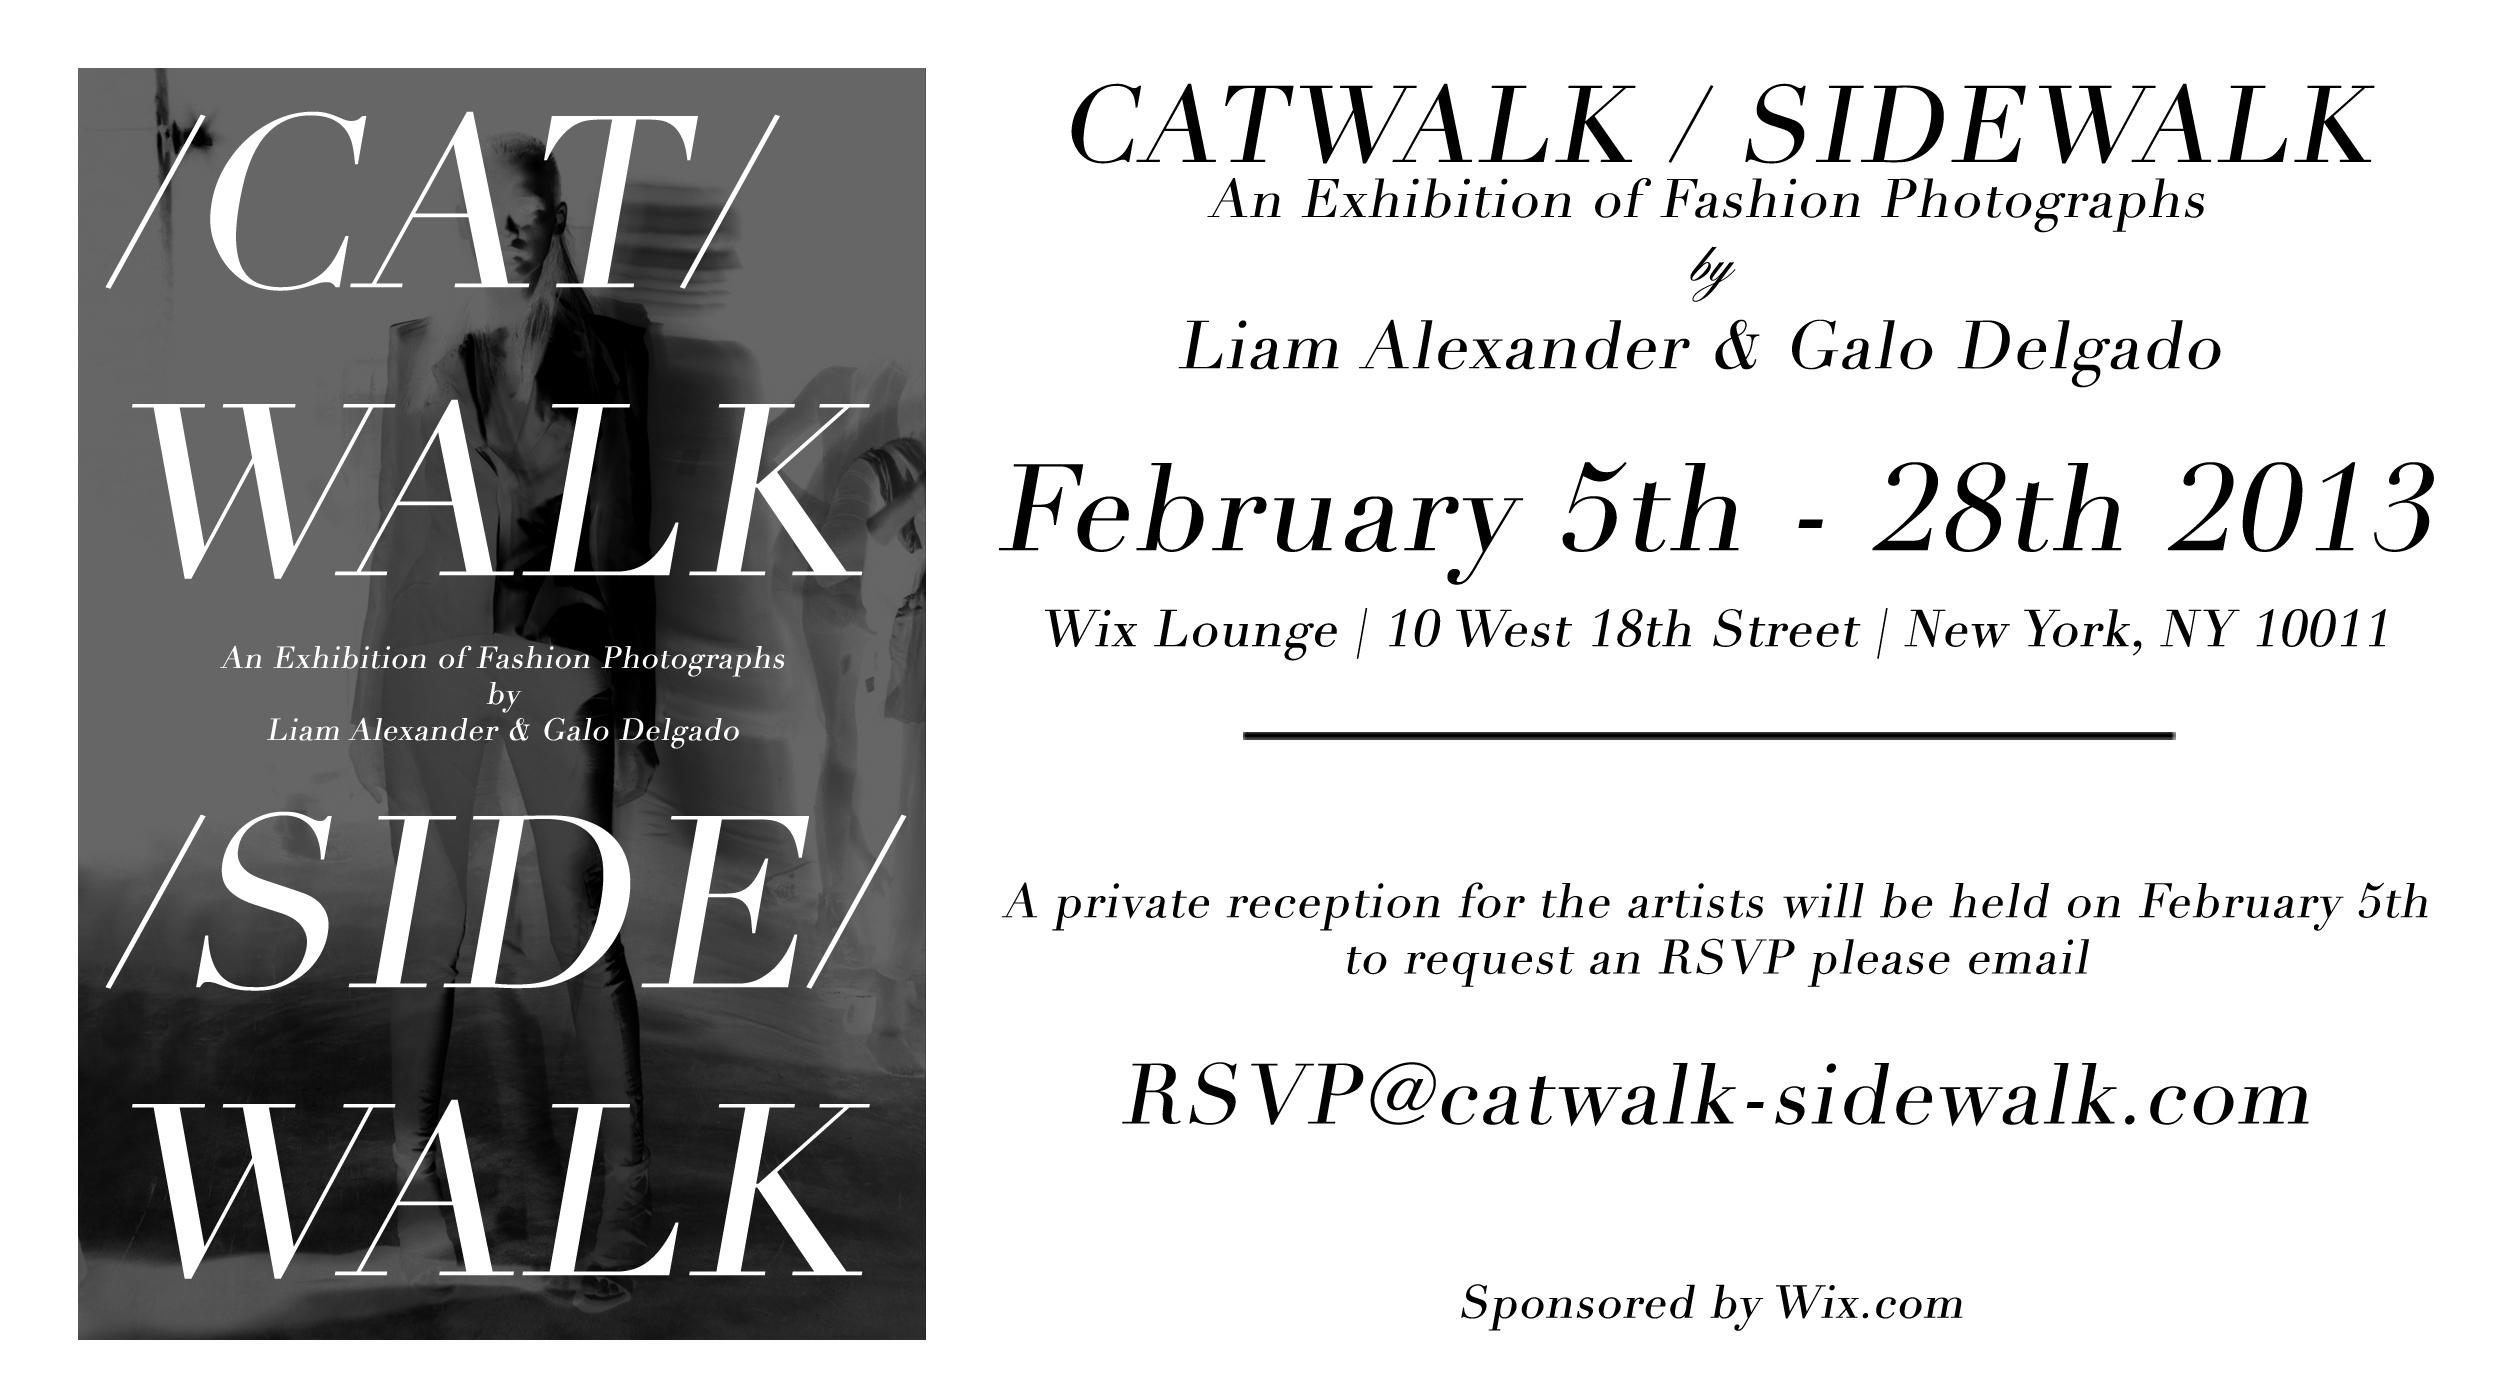 Catwalk/Sidewalk Invite